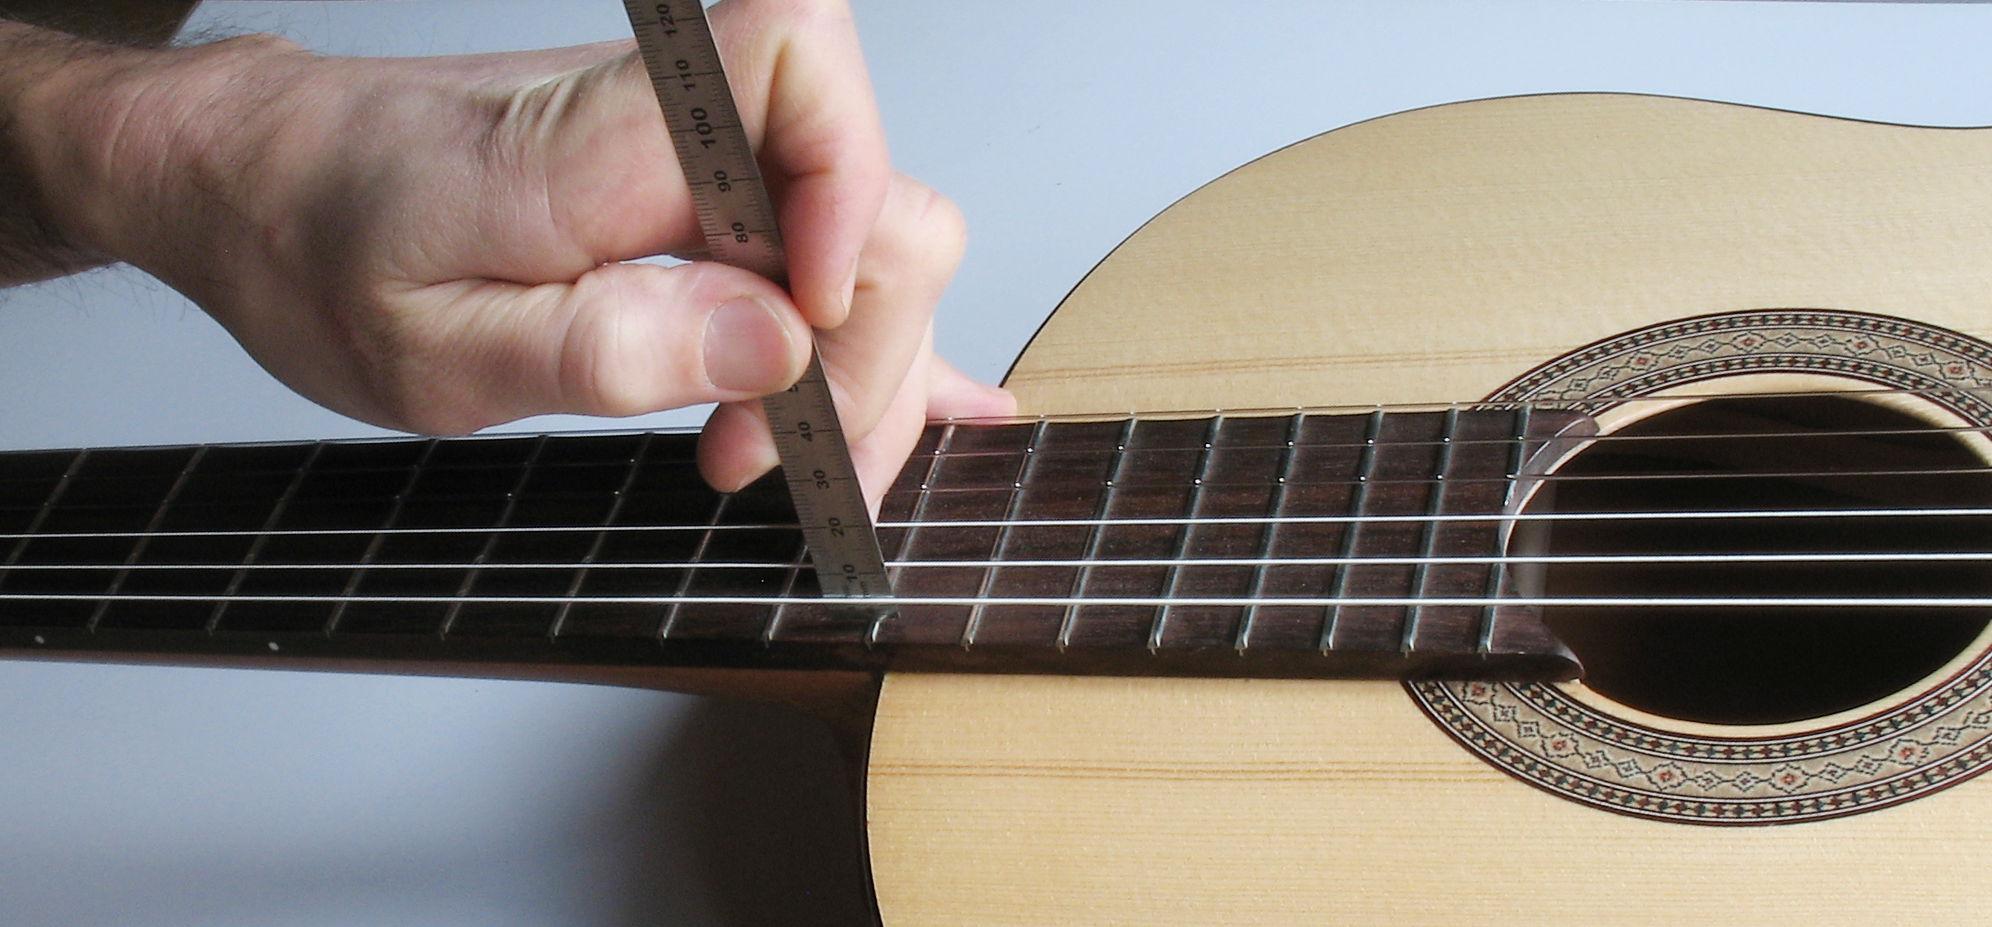 seiten der gitarre